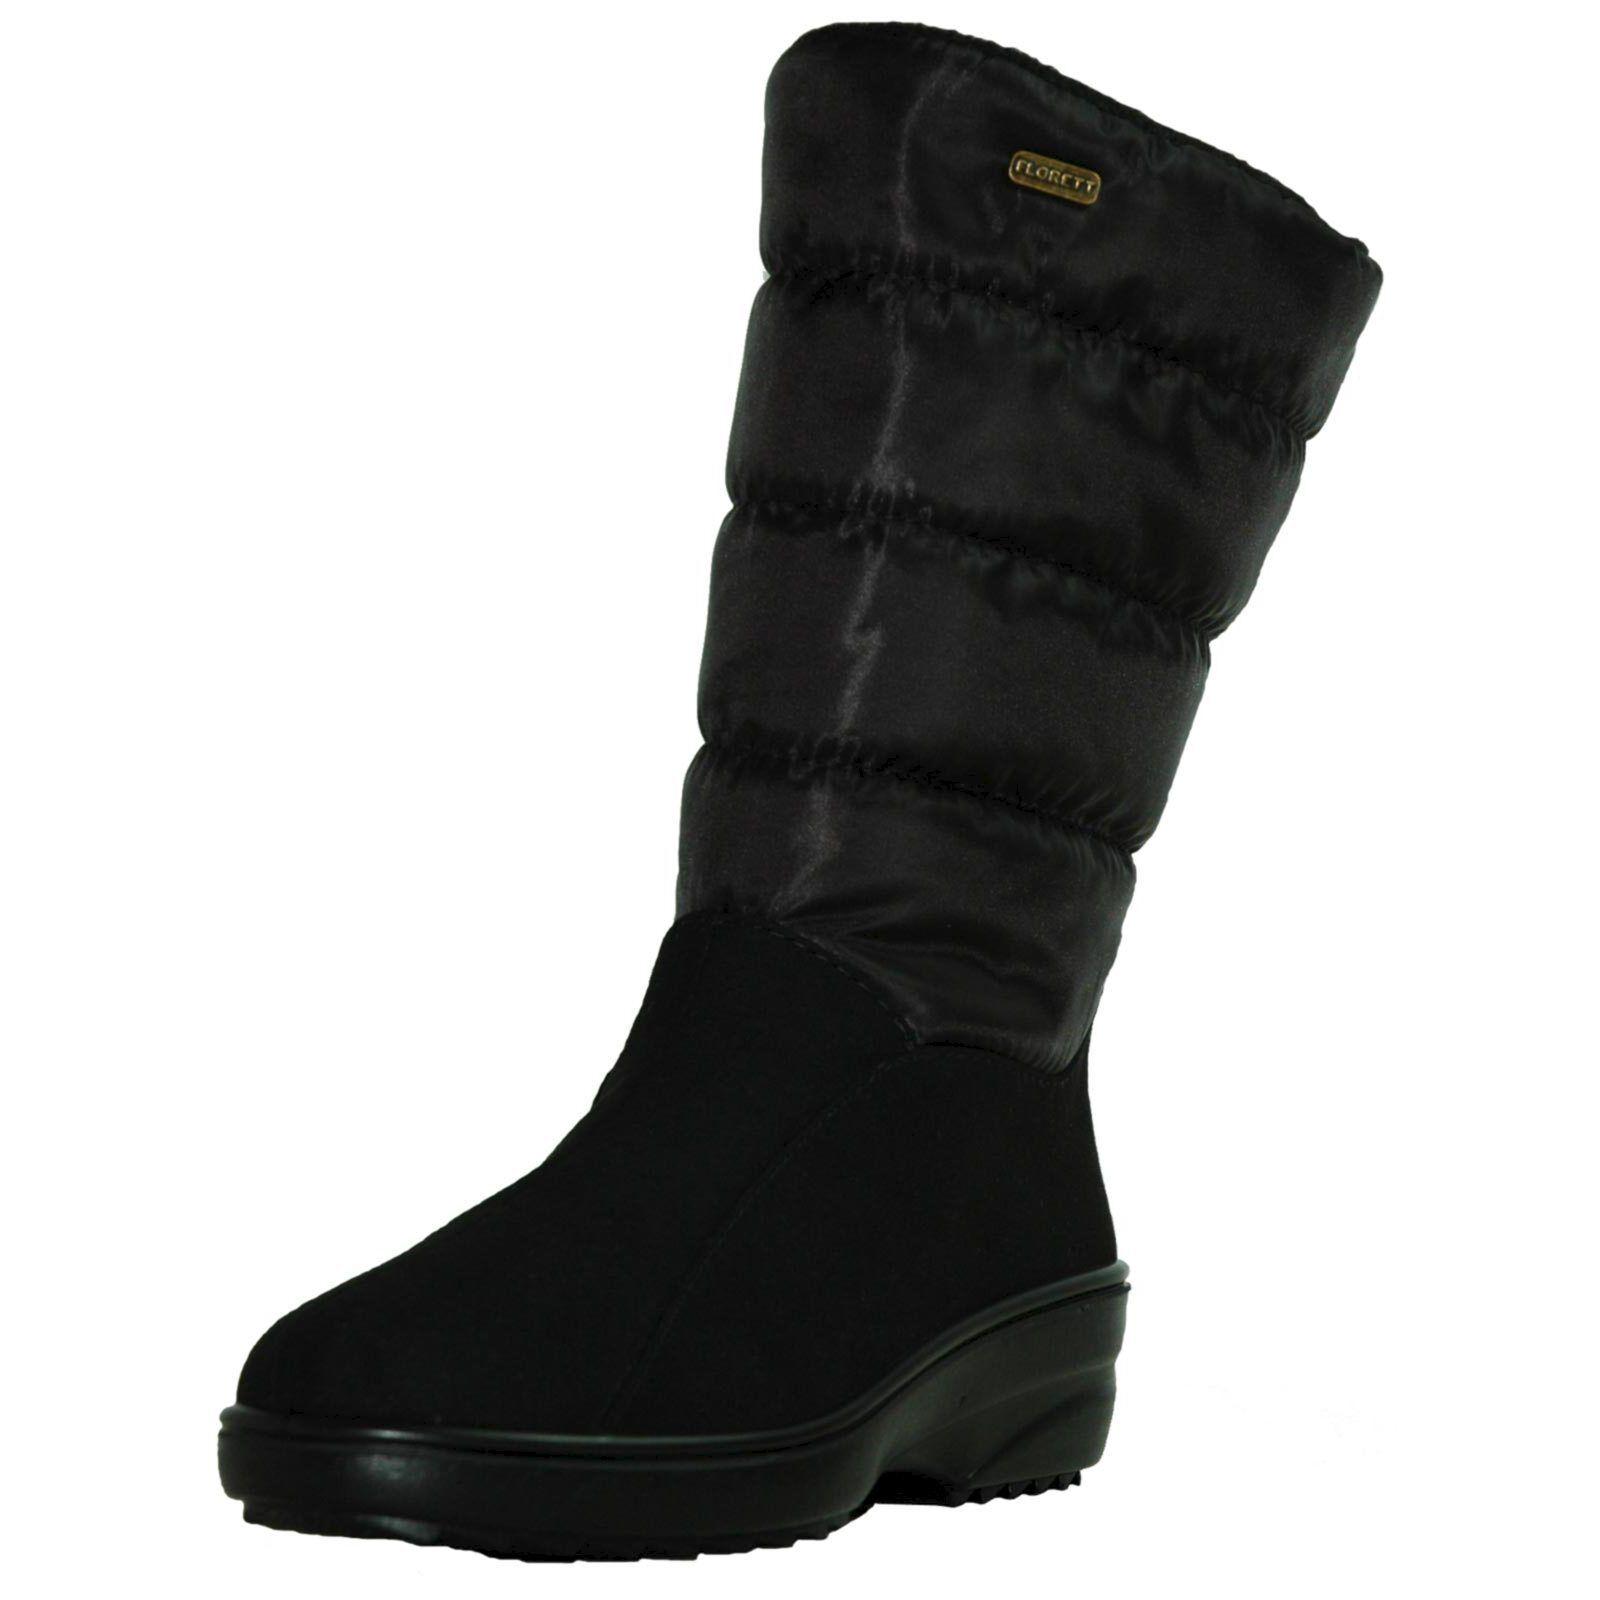 Florett elke señora botas forro negro, mujerstieflette, invierno zapato zapato zapato señora  grandes precios de descuento